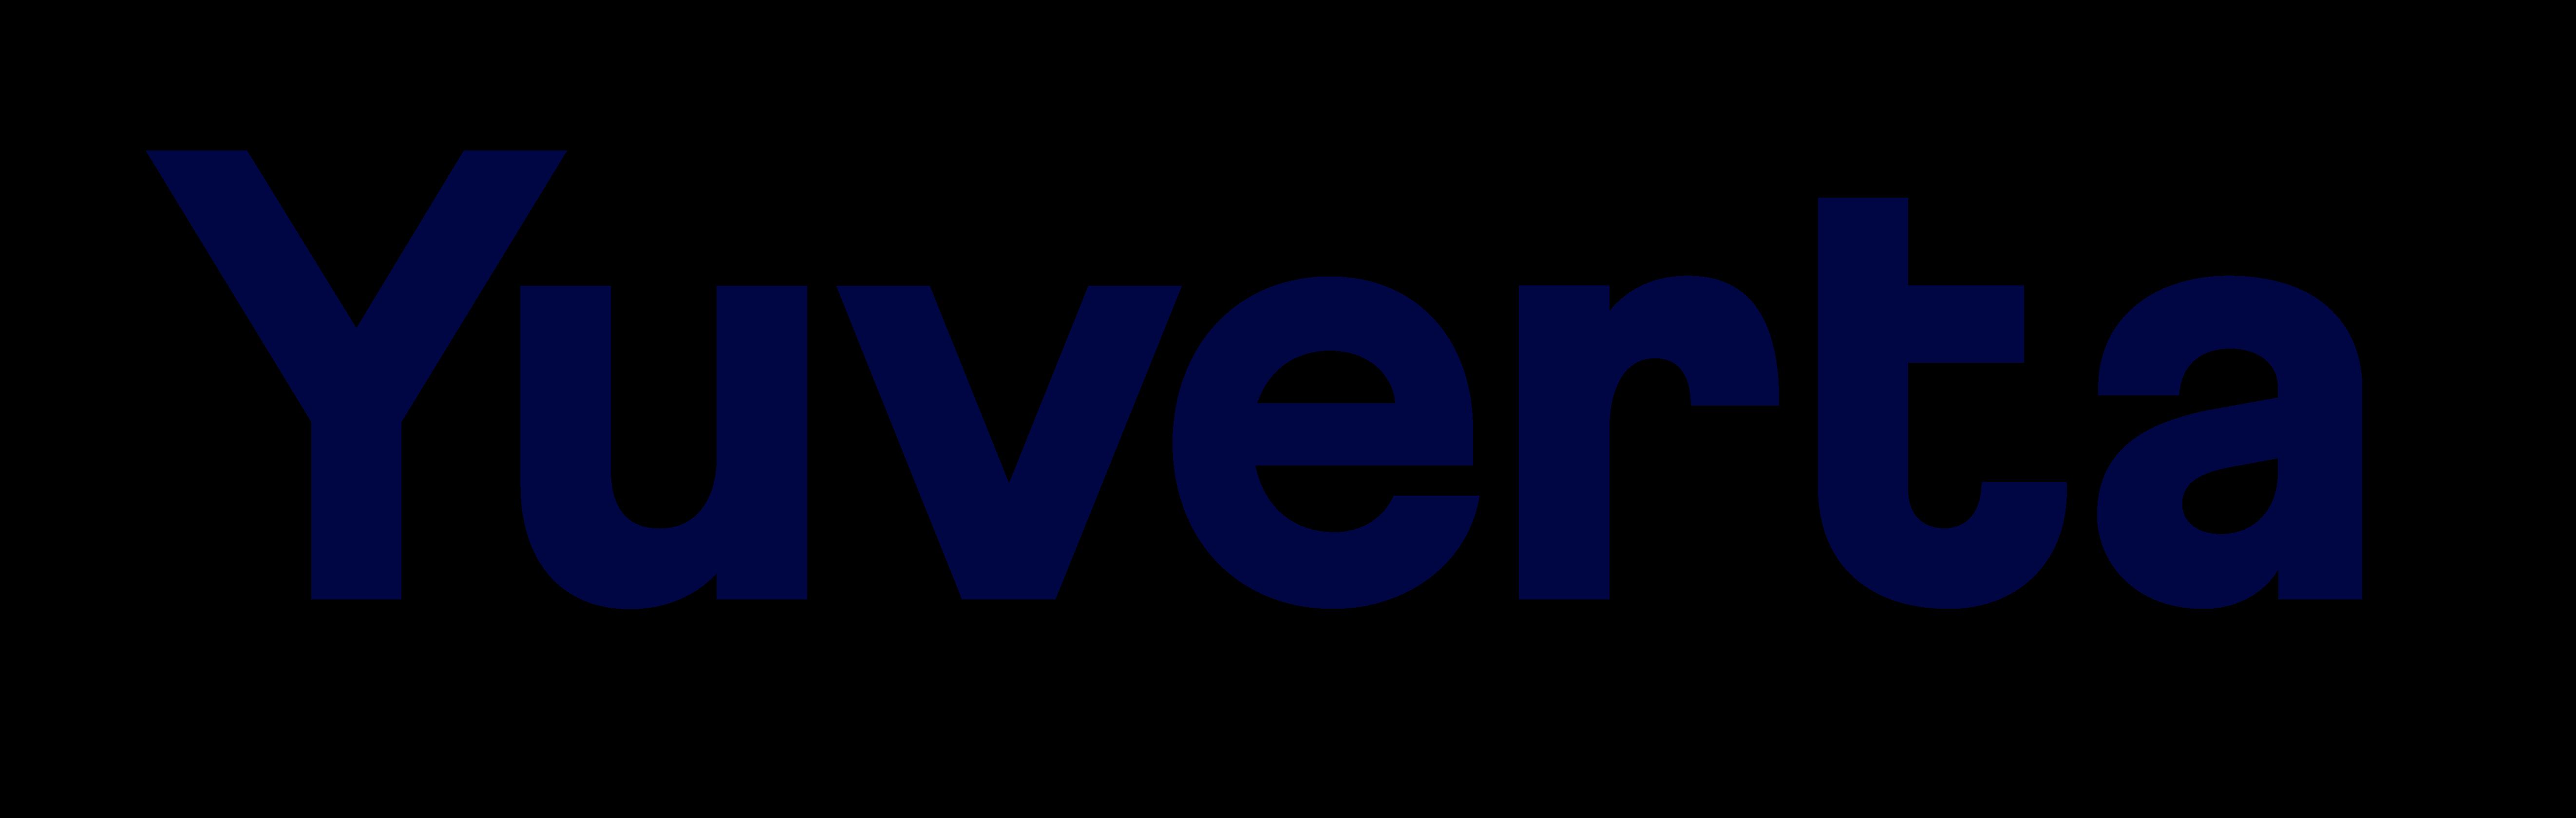 Yuverta - Logo - Donker Blauw - RGB